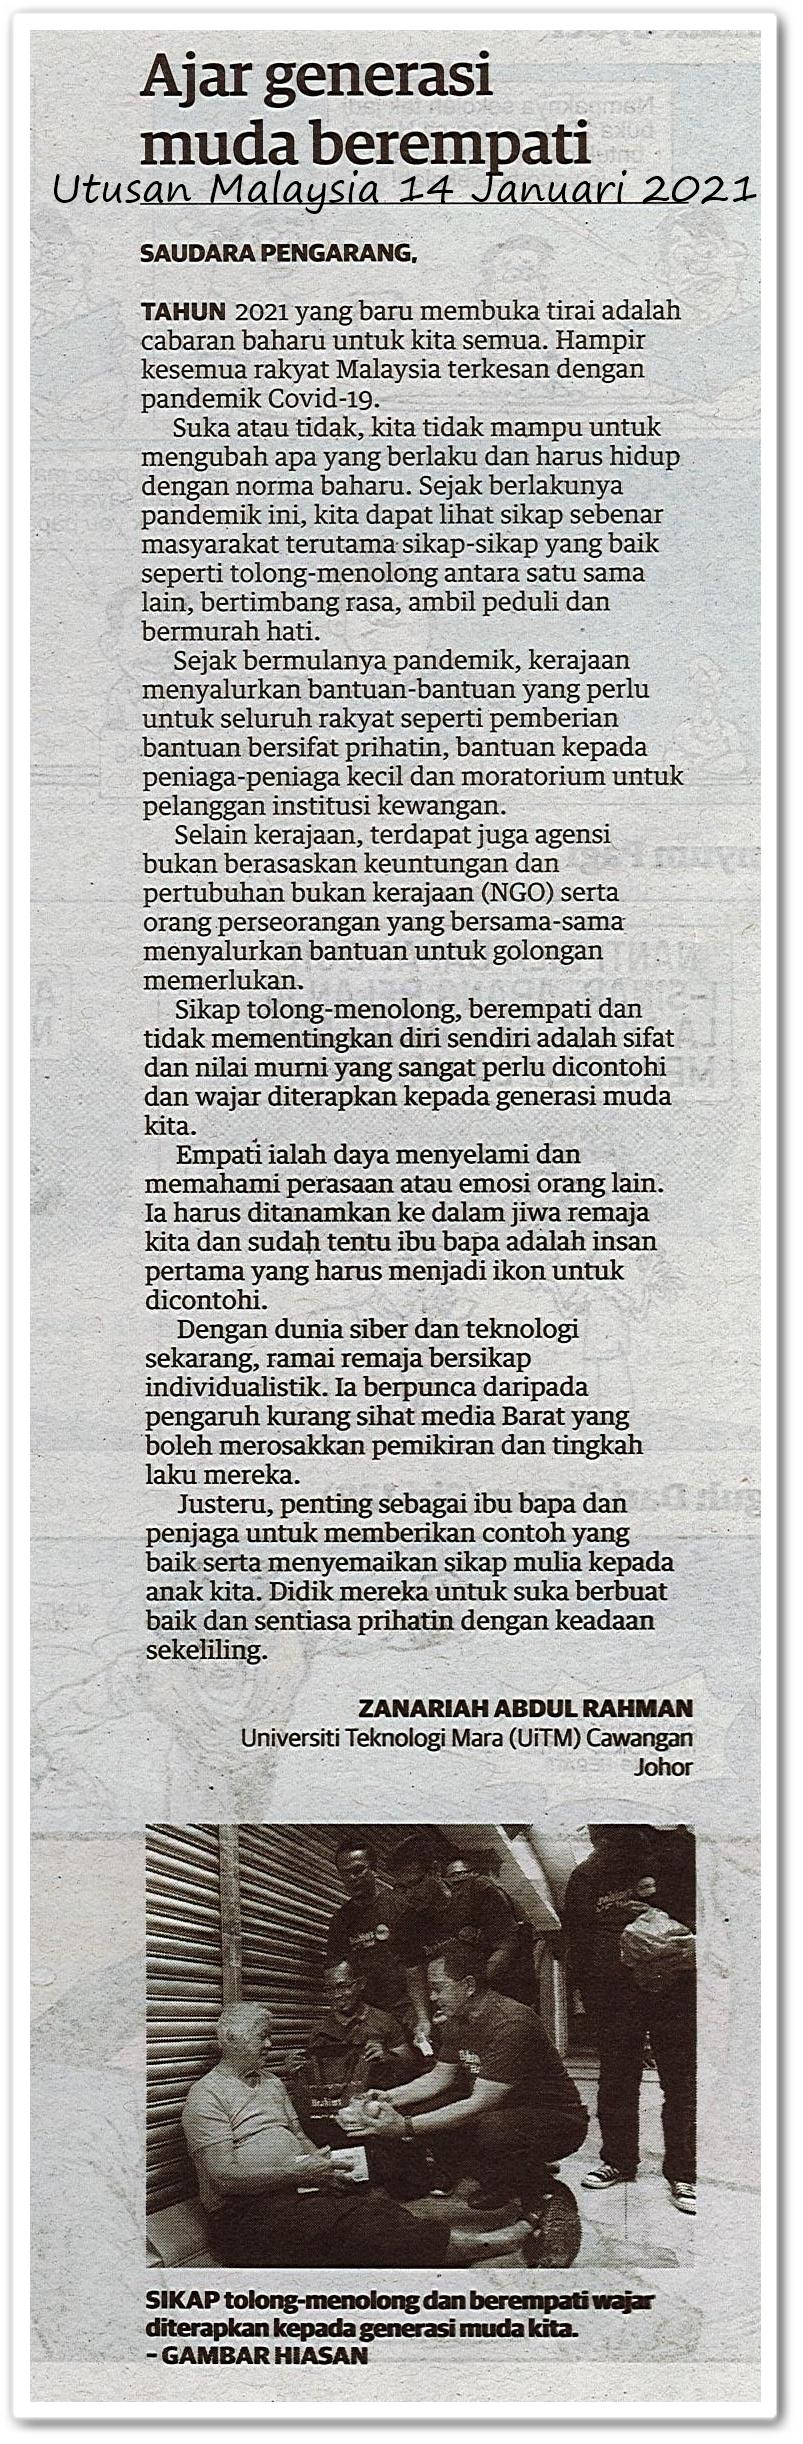 Ajar generasi muda berempati - Keratan akhbar Utusan Malaysia 14 Januari 2021